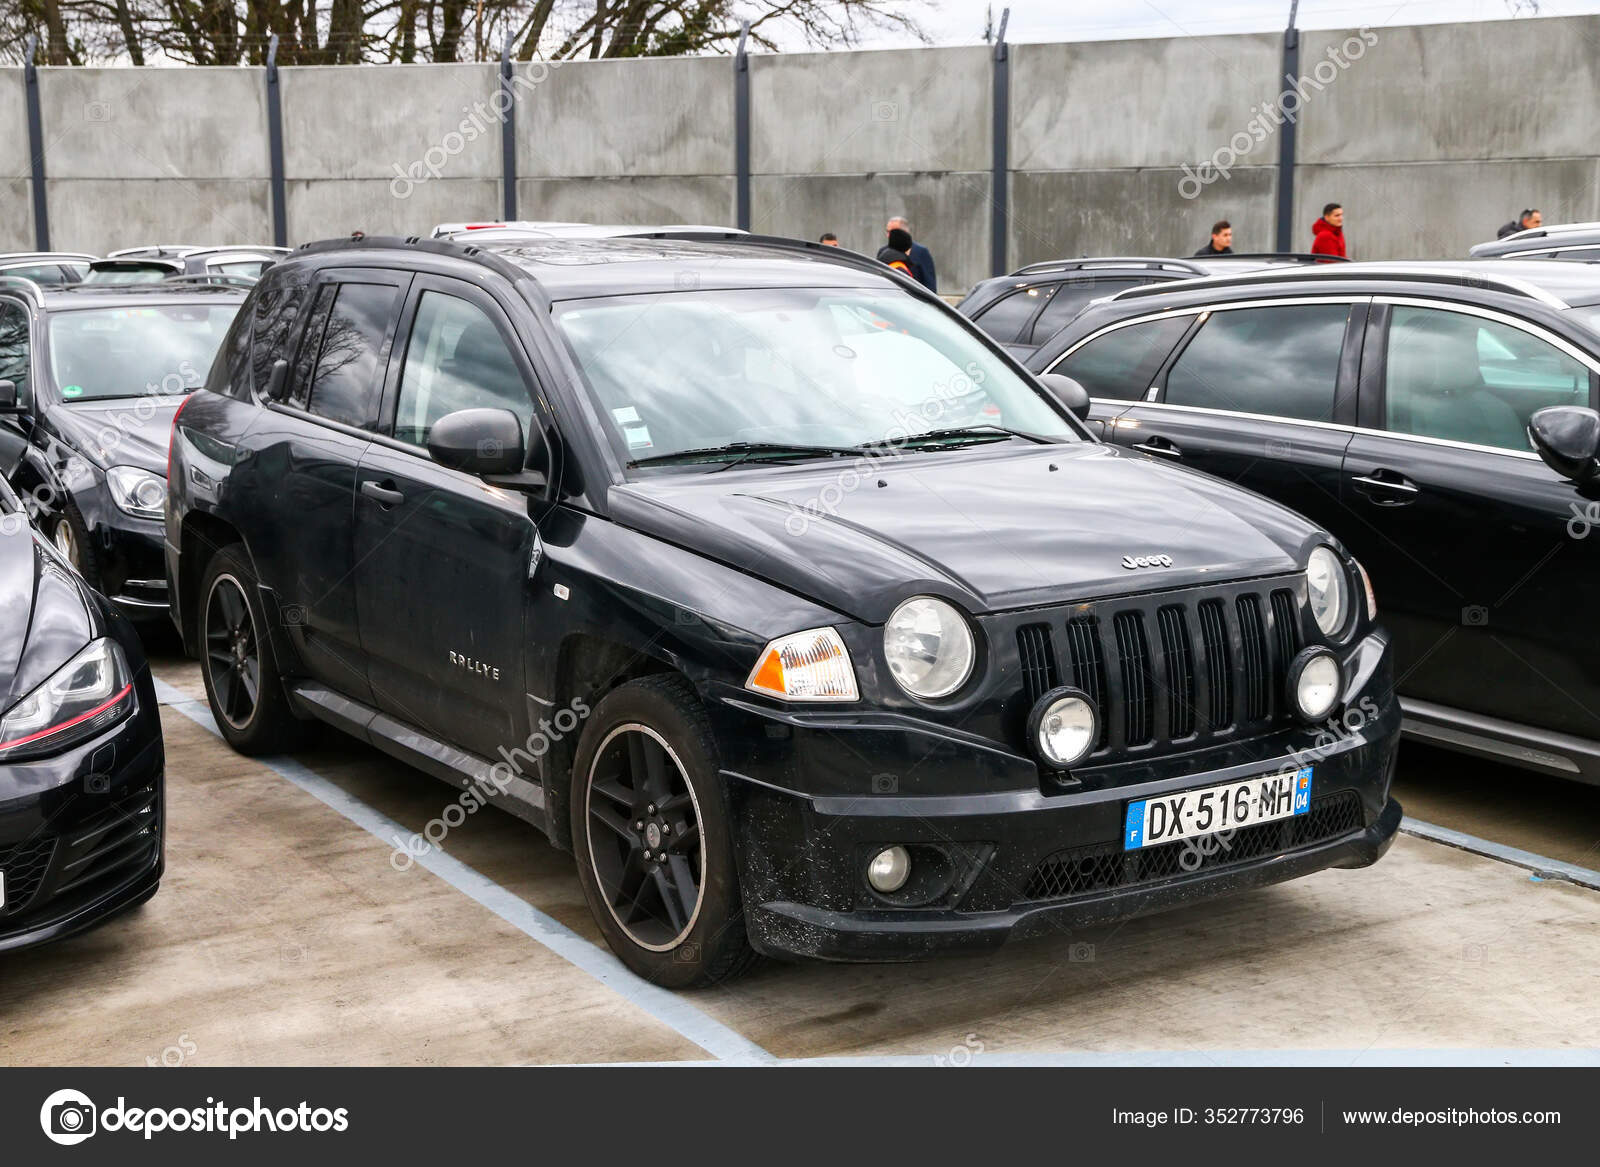 Geneva Switzerland March 2019 Black Compact Crossover Suv Jeep Compass Stock Editorial Photo C Artzzz 352773796